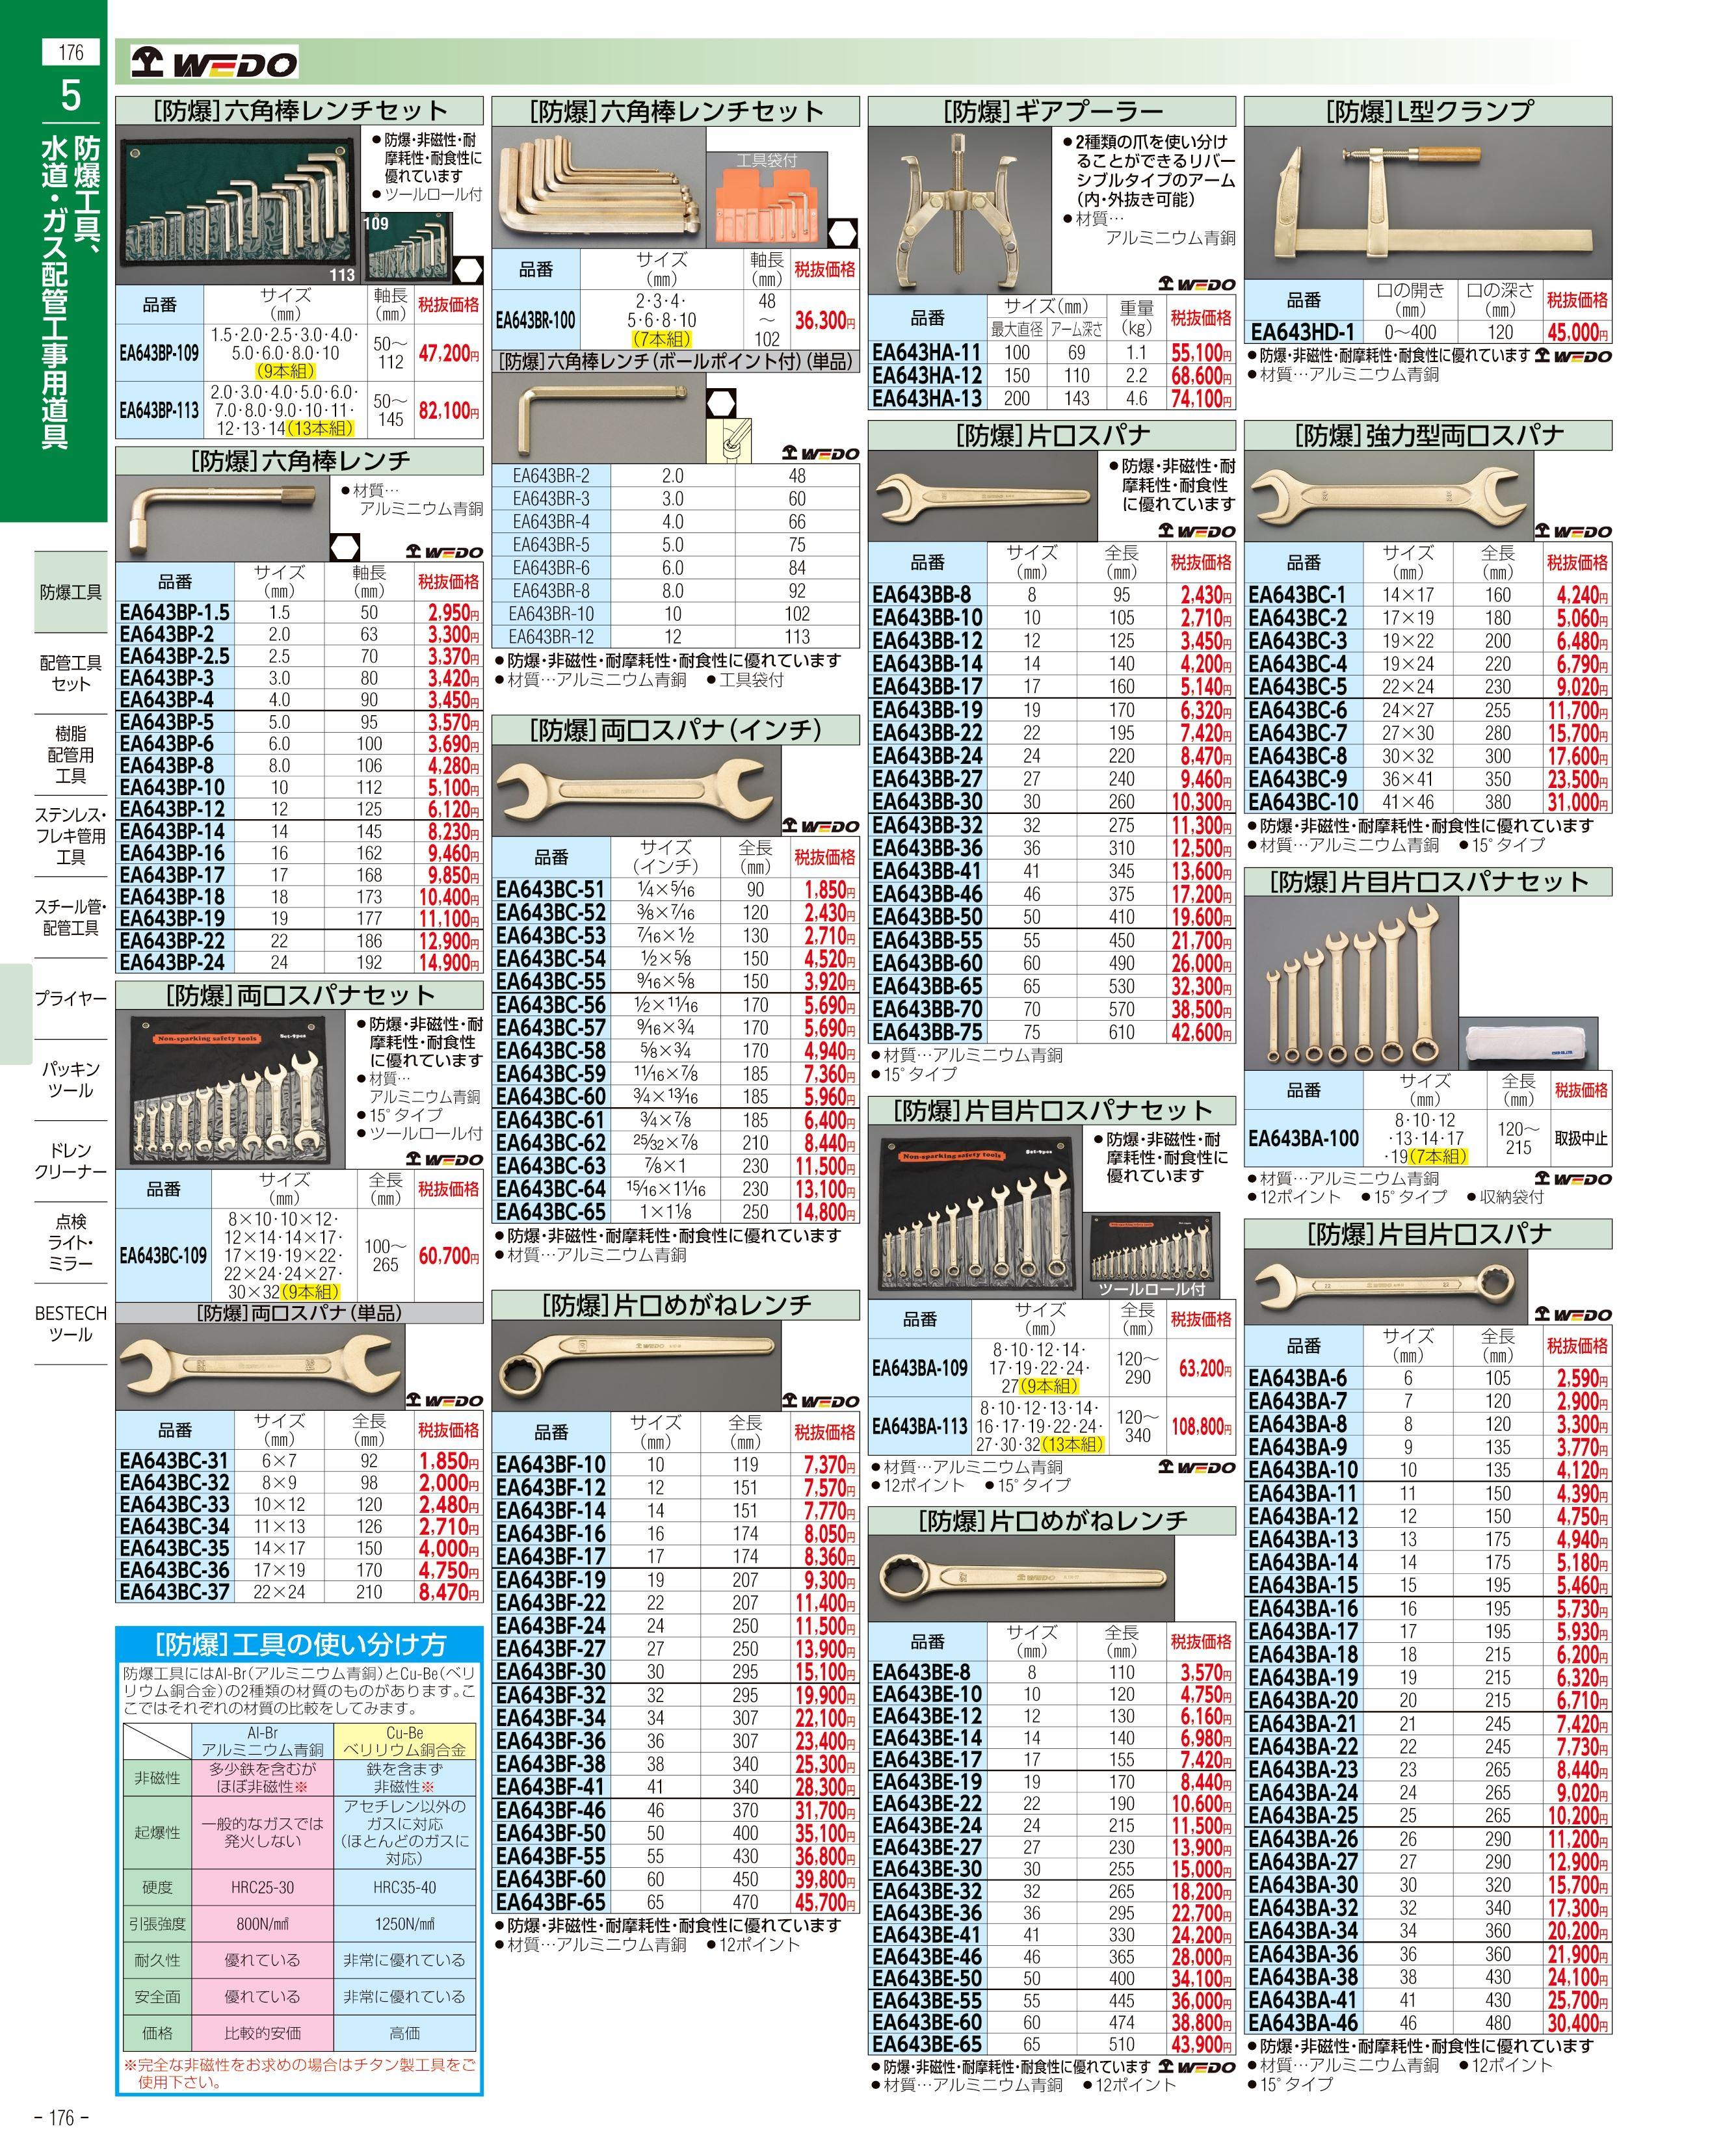 エスコ便利カタログ176ページ